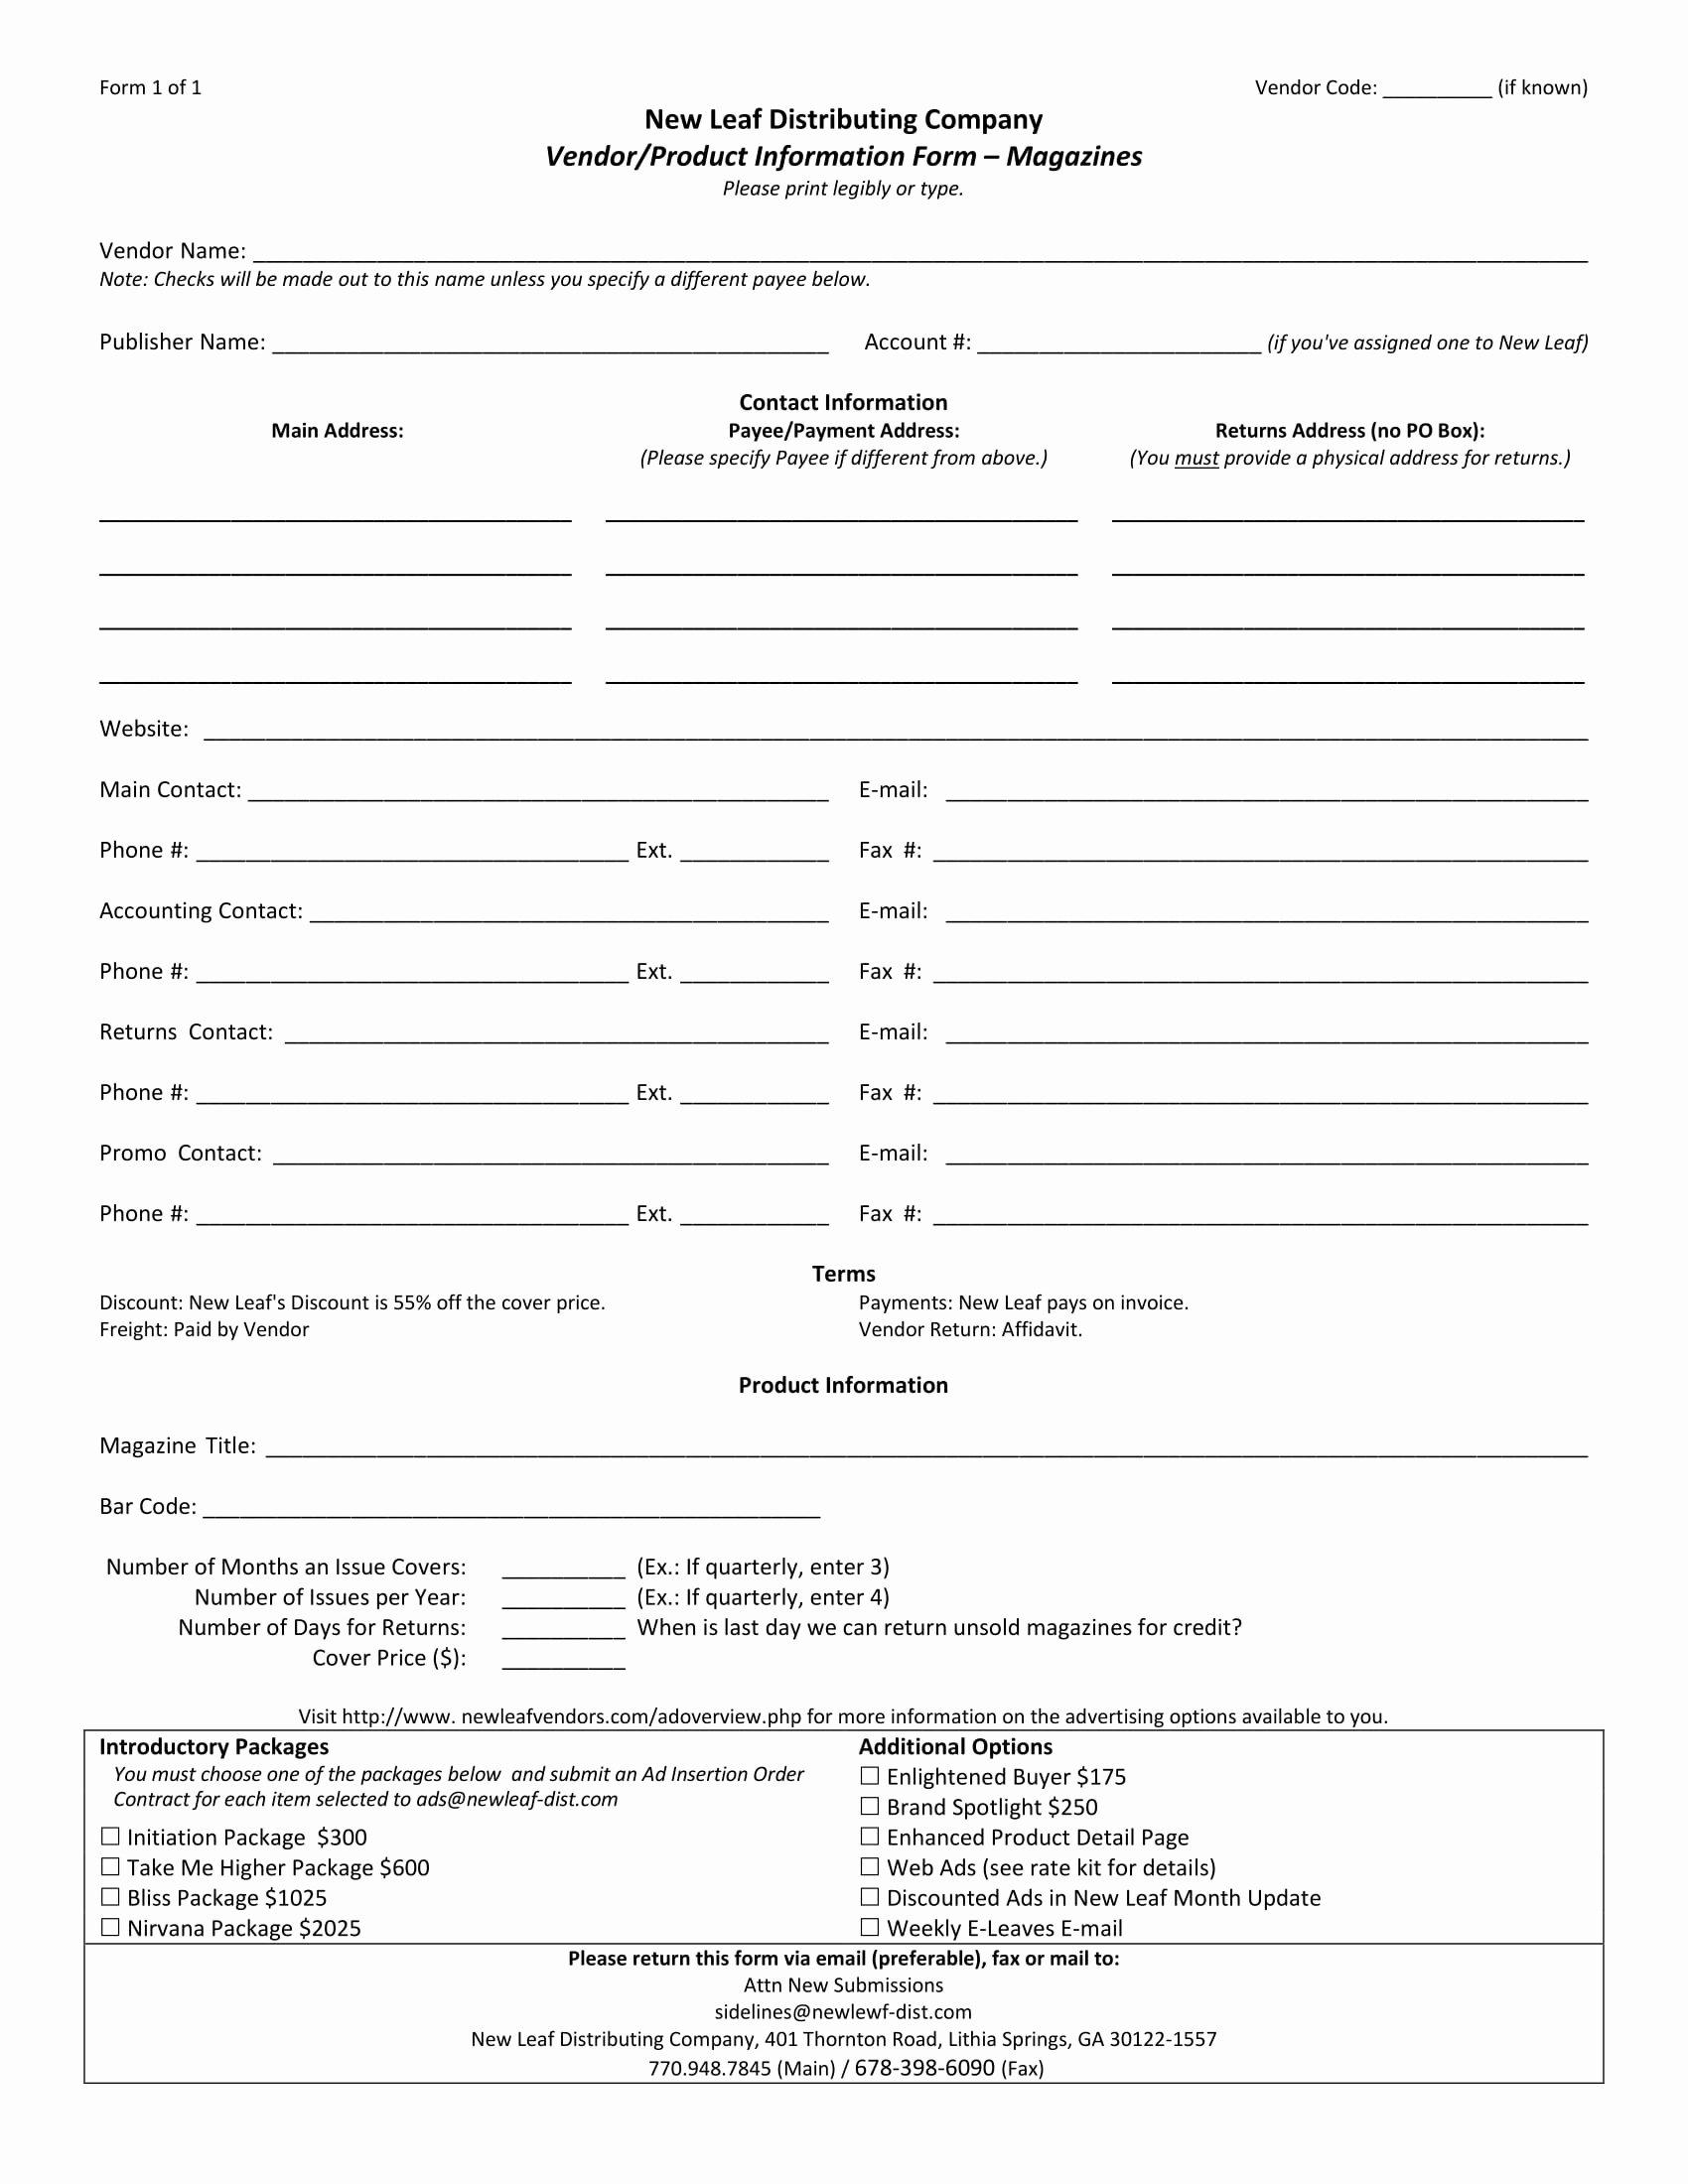 Vendor Information form Elegant 13 Product Information forms Free Word Pdf format